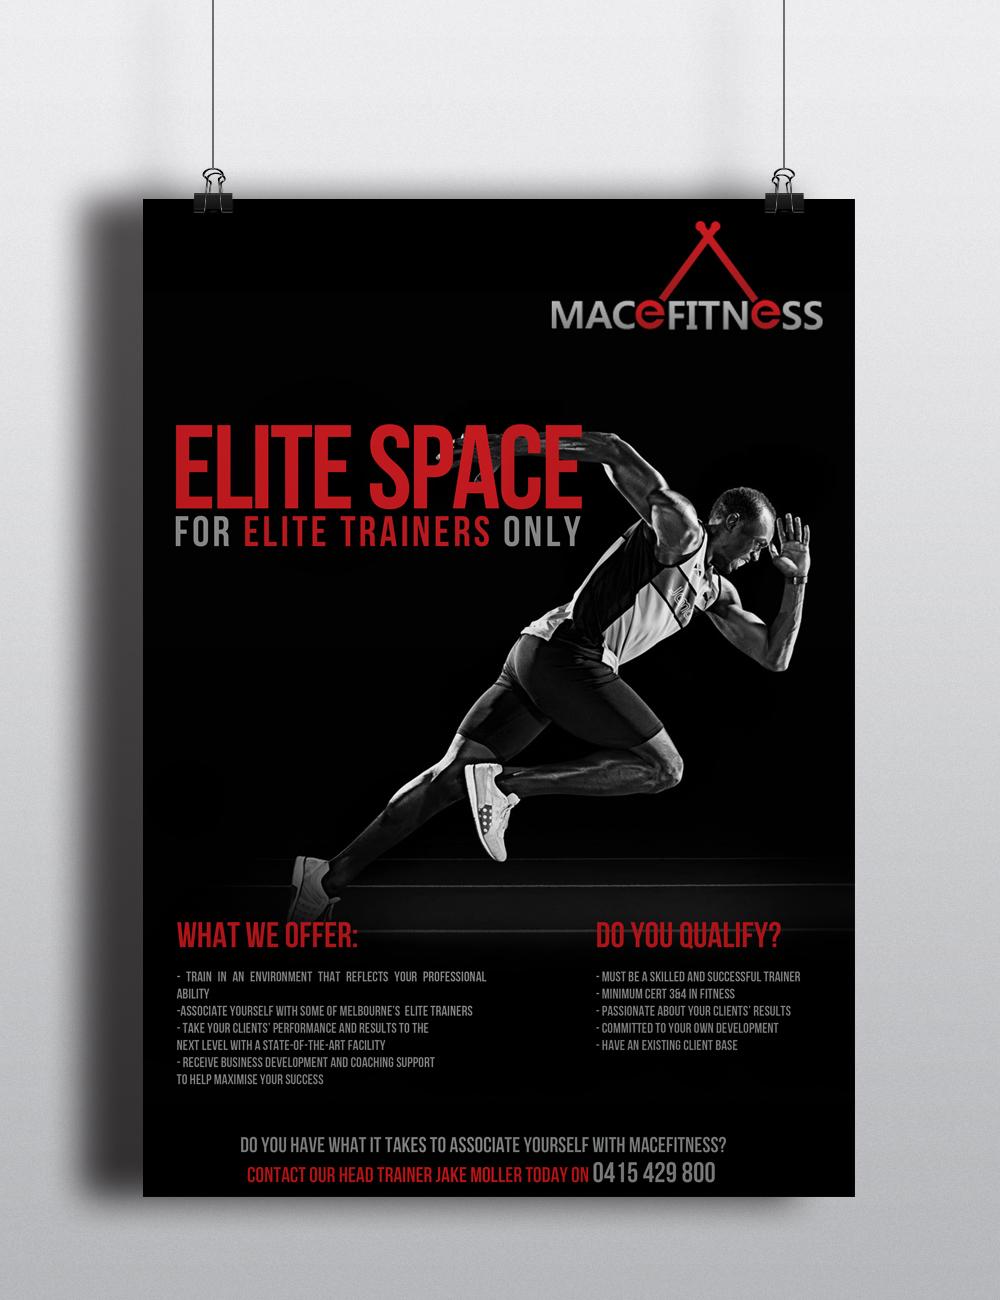 Mockup_Elite_Macefitness.jpg